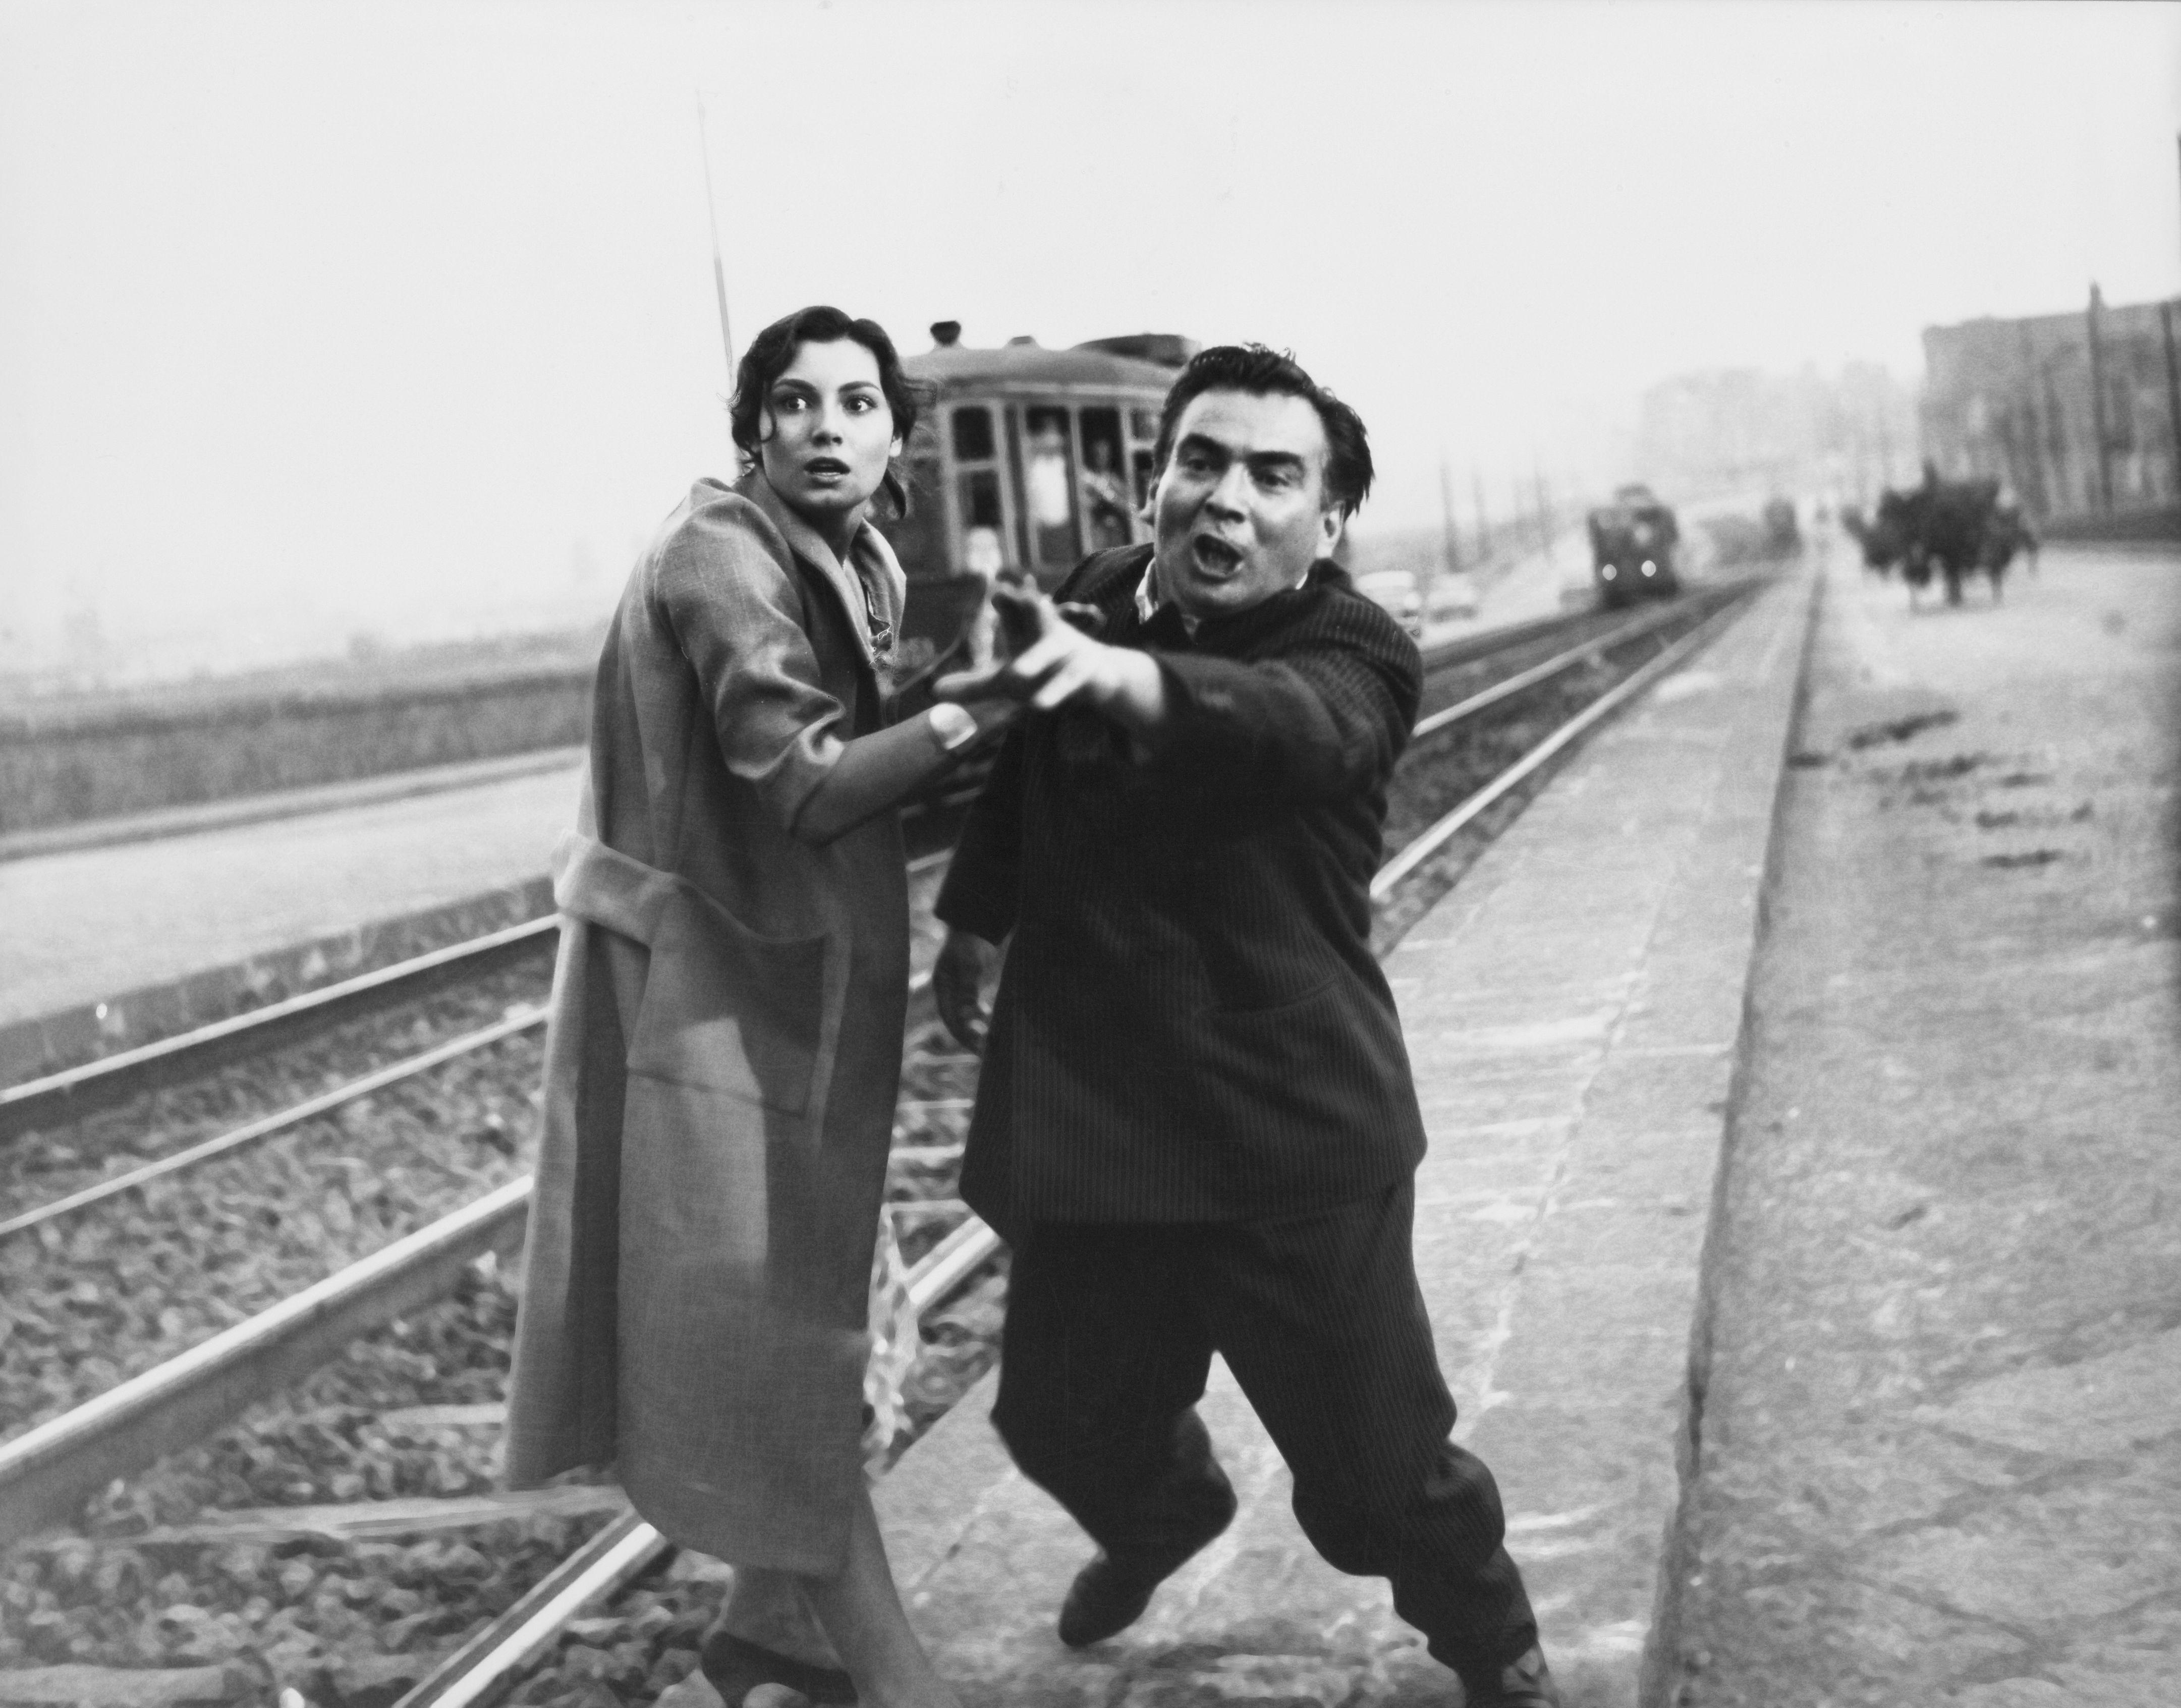 La Sfida Di Francesco Rosi Italia 1958 Rosanna Schiaffino Assunta E Nino Vingelli Gennaro Foto Di Ermanno Consolazione 1958 Ca Cinema Foto Neorealismo